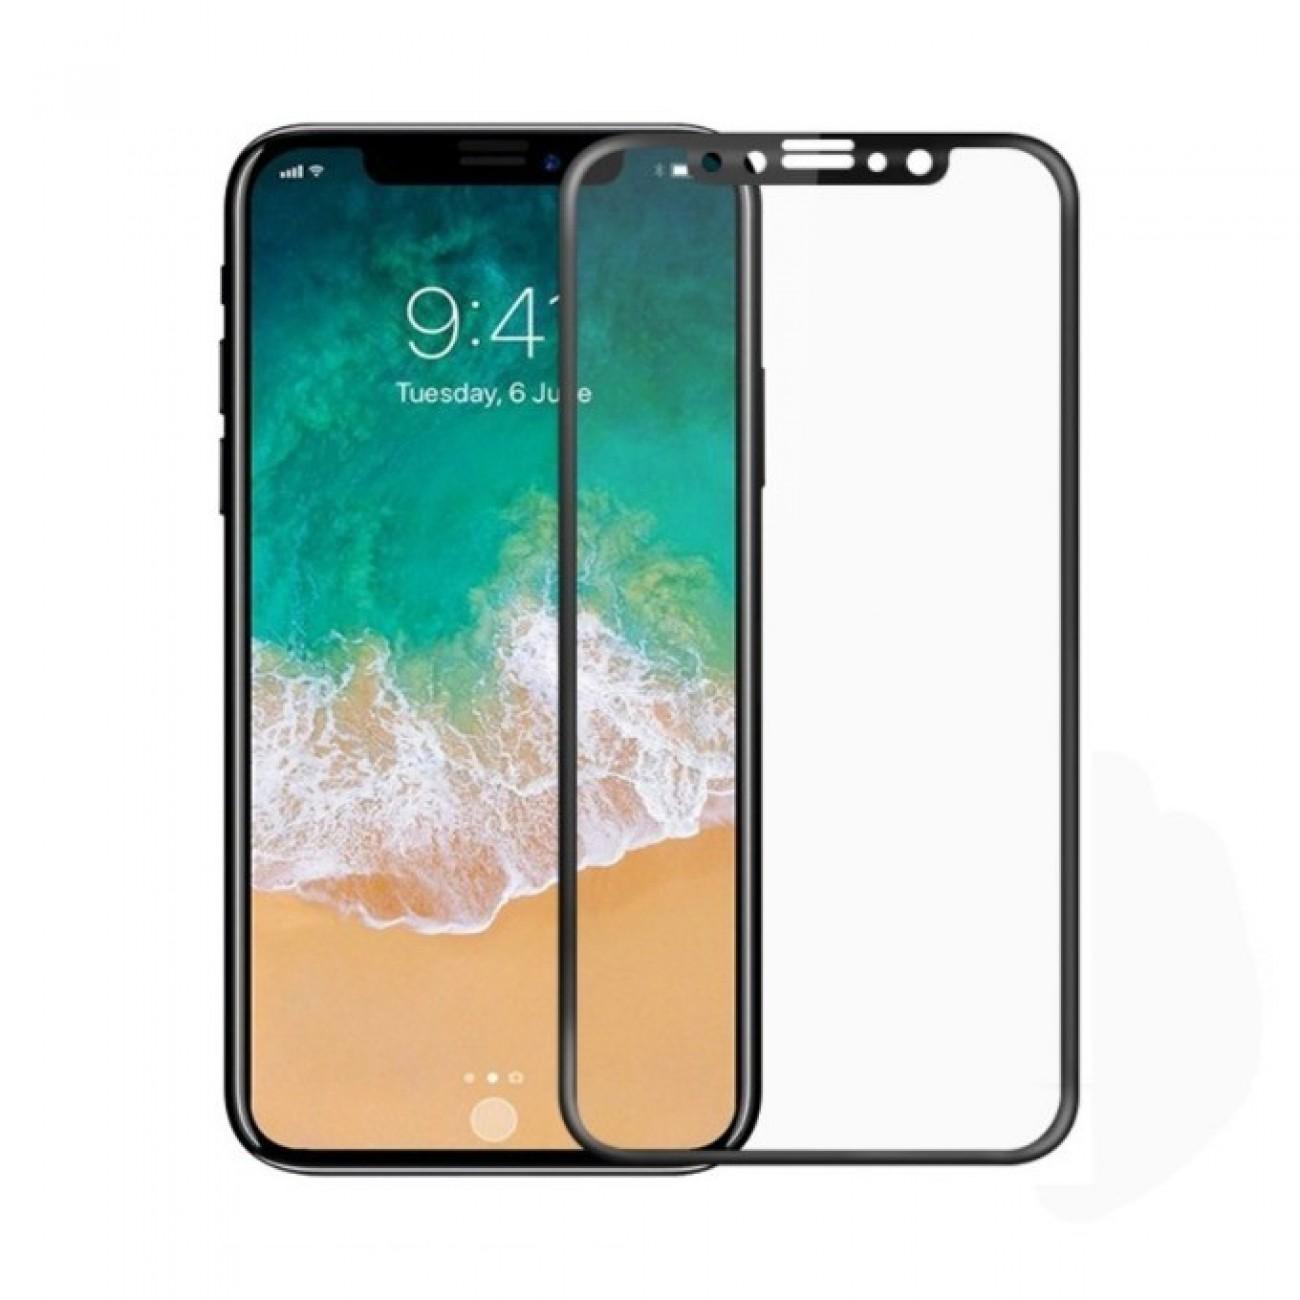 Протектор от закалено стъкло /Tempered Glass/ Remax Proda Full Glue, за iPhone X, черен в Защитно фолио -    Alleop